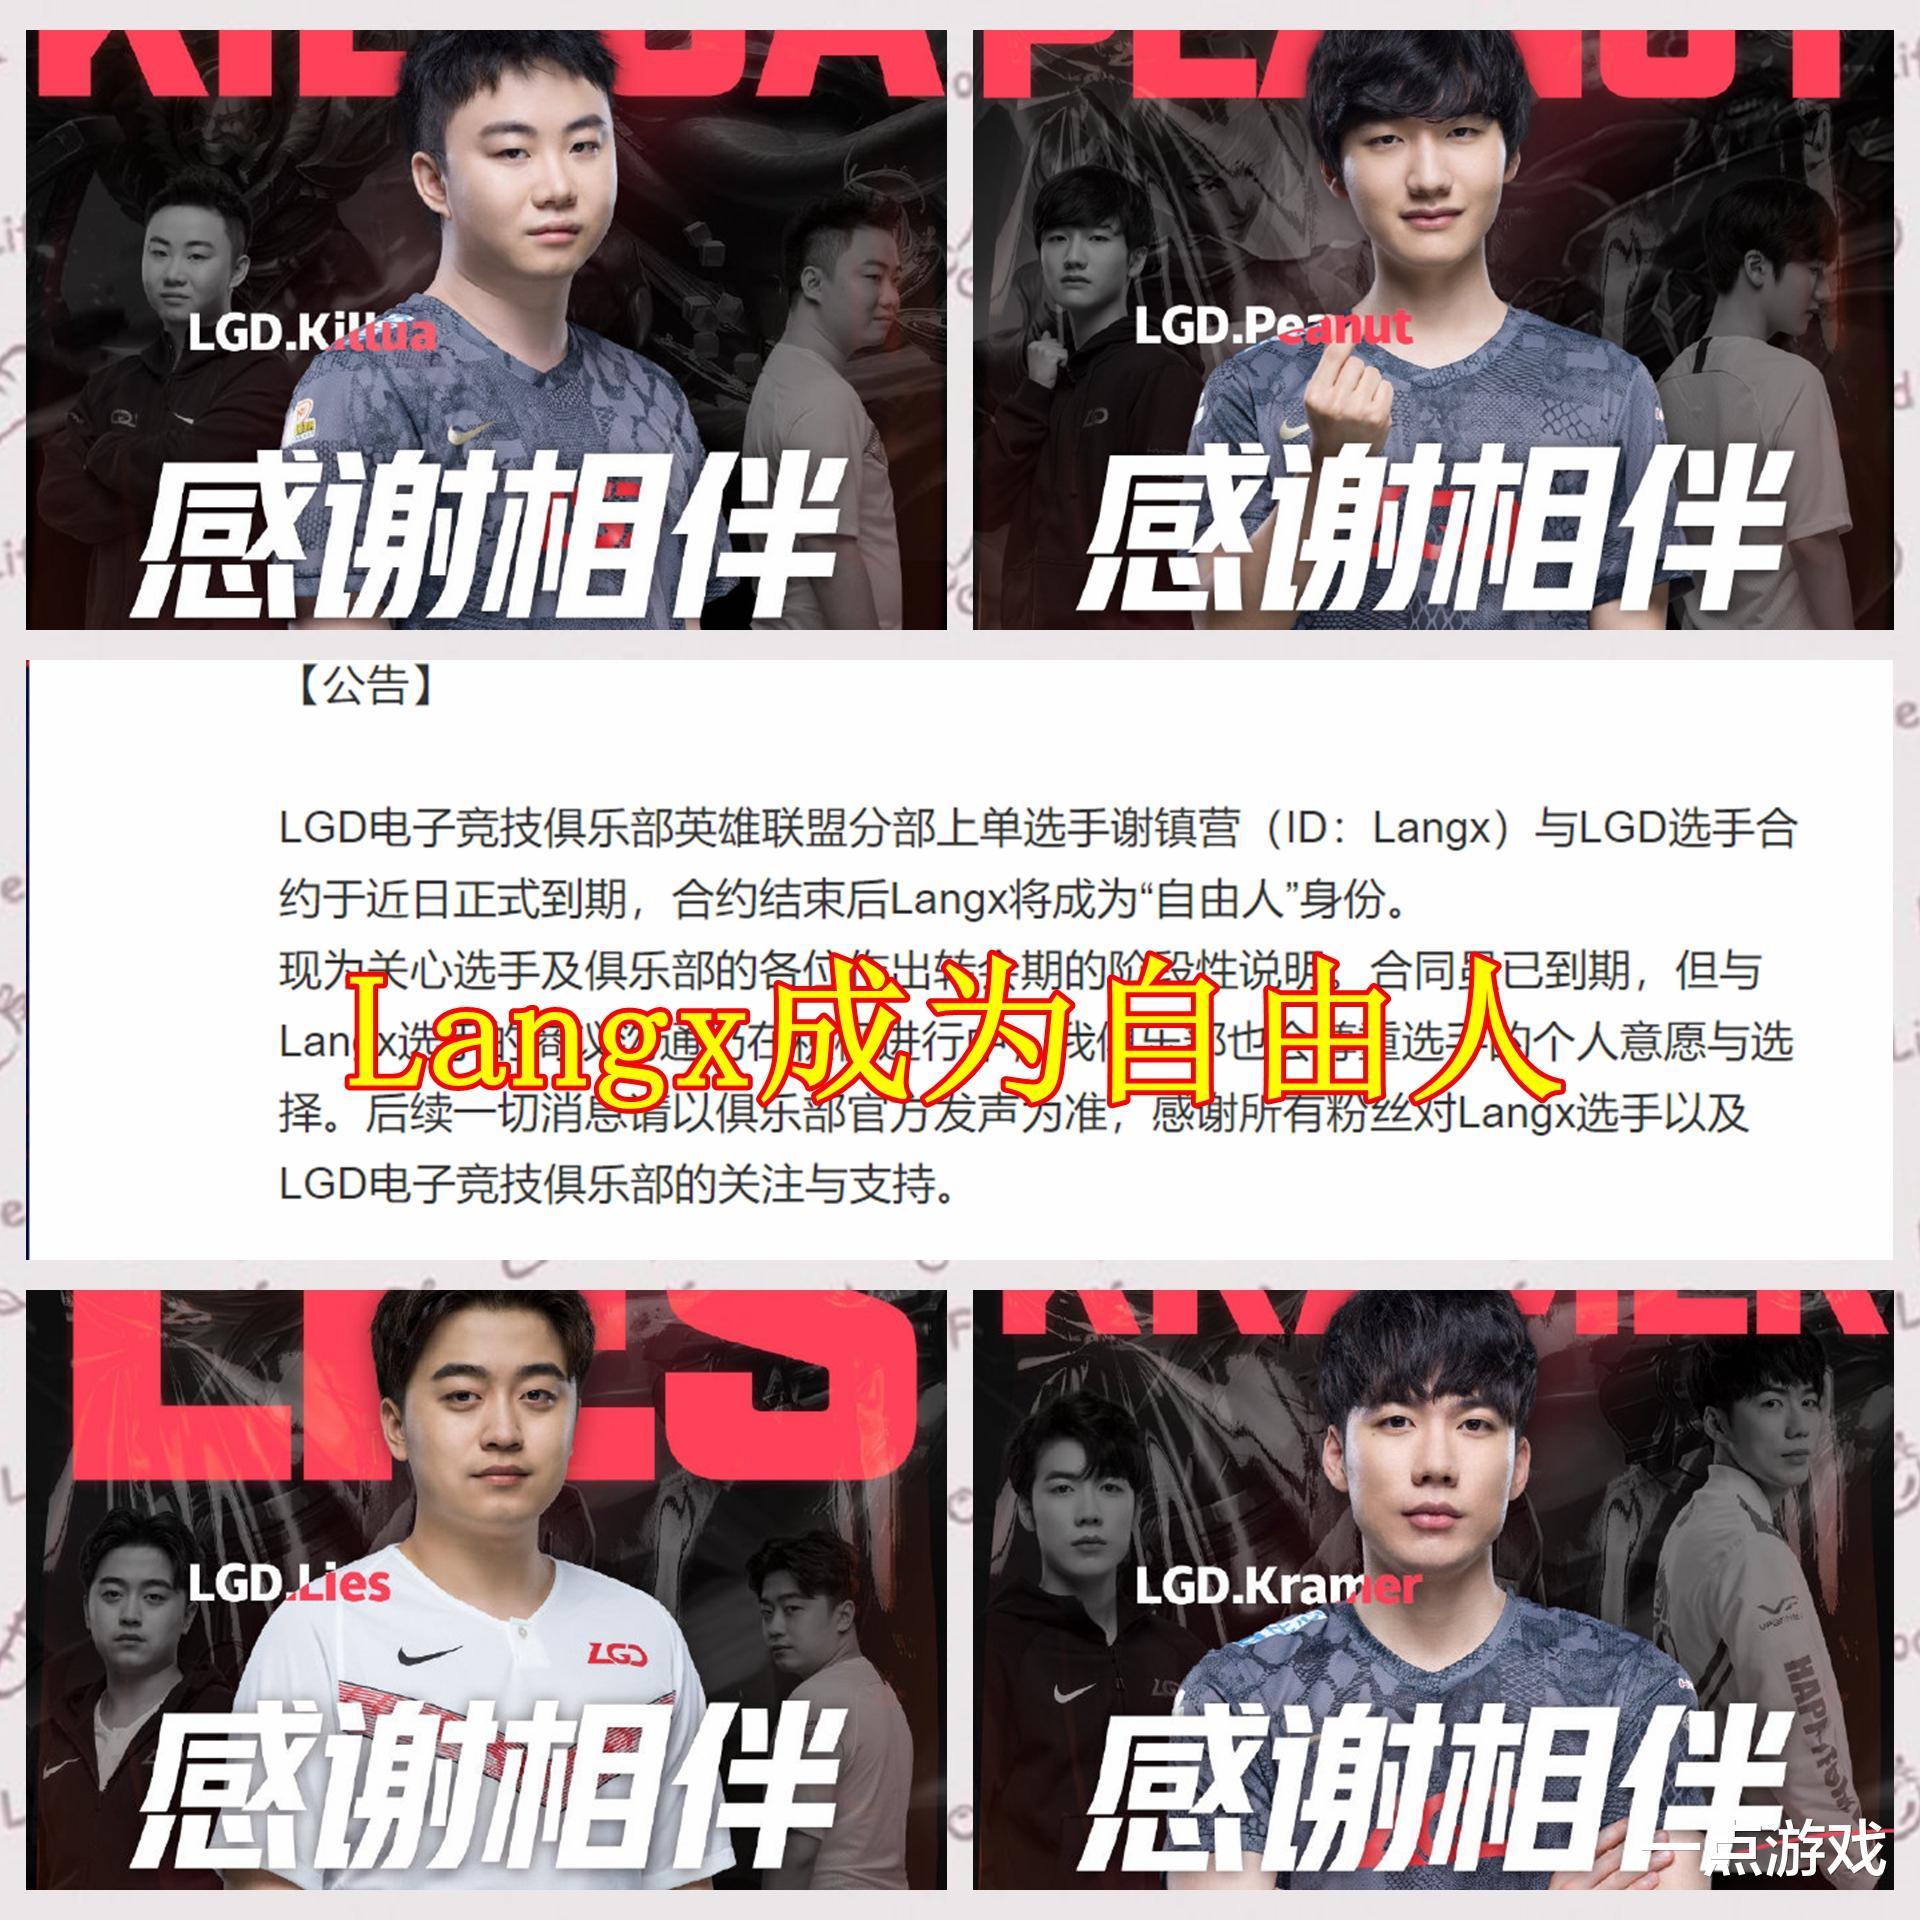 《【煜星娱乐平台首页】LGD一周内连走六人,粉丝们慌了,战队经理:乐观点吧!》